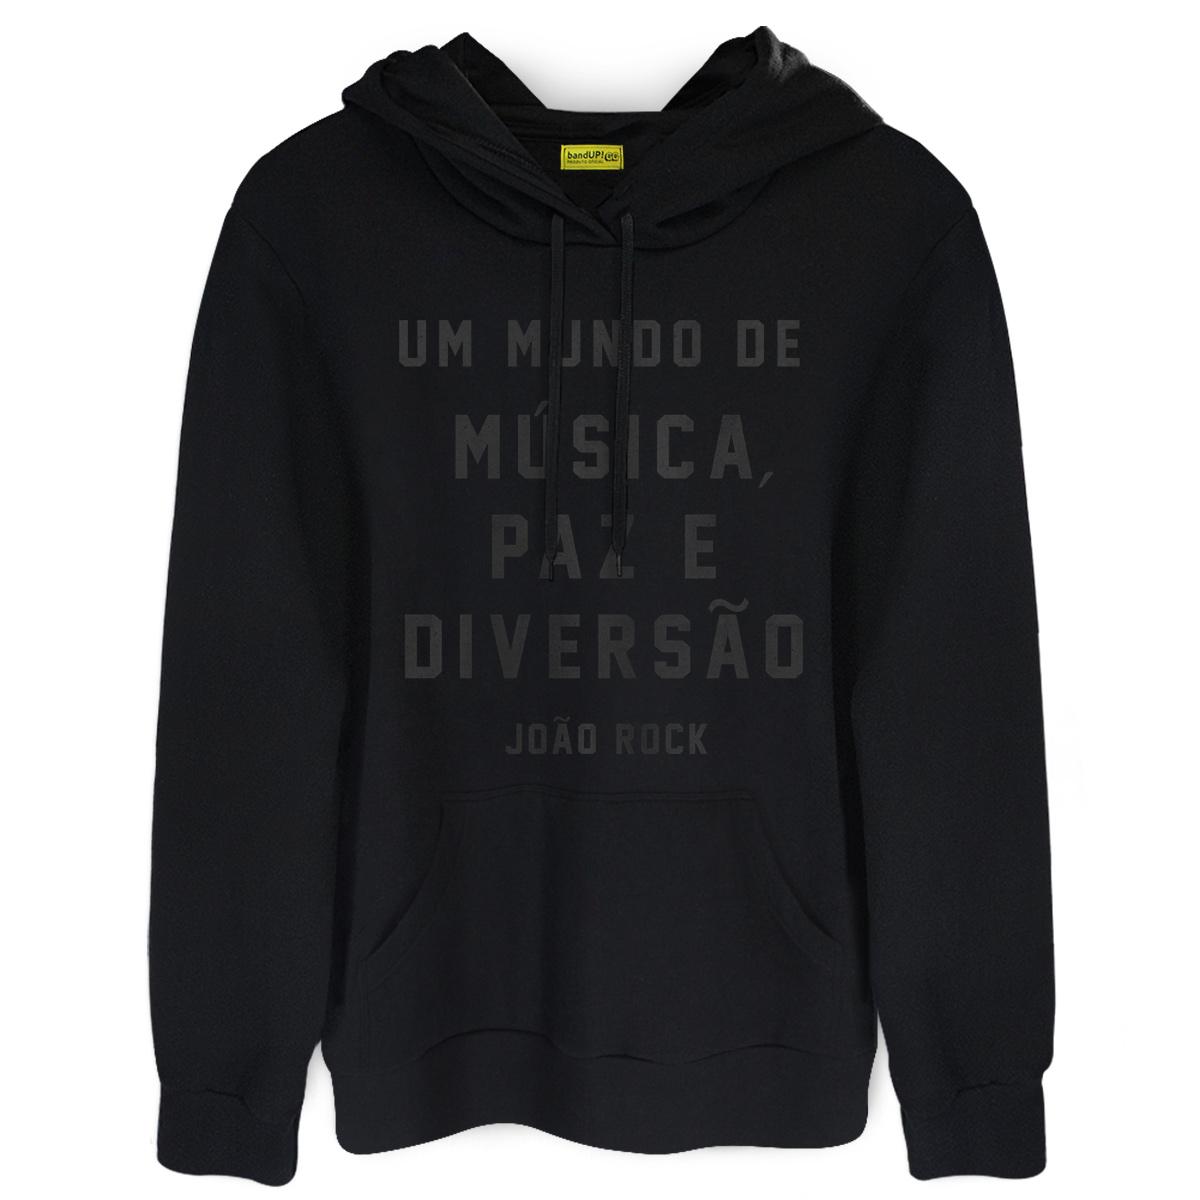 Moletom João Rock Um Mundo de Música, Paz e Diversão